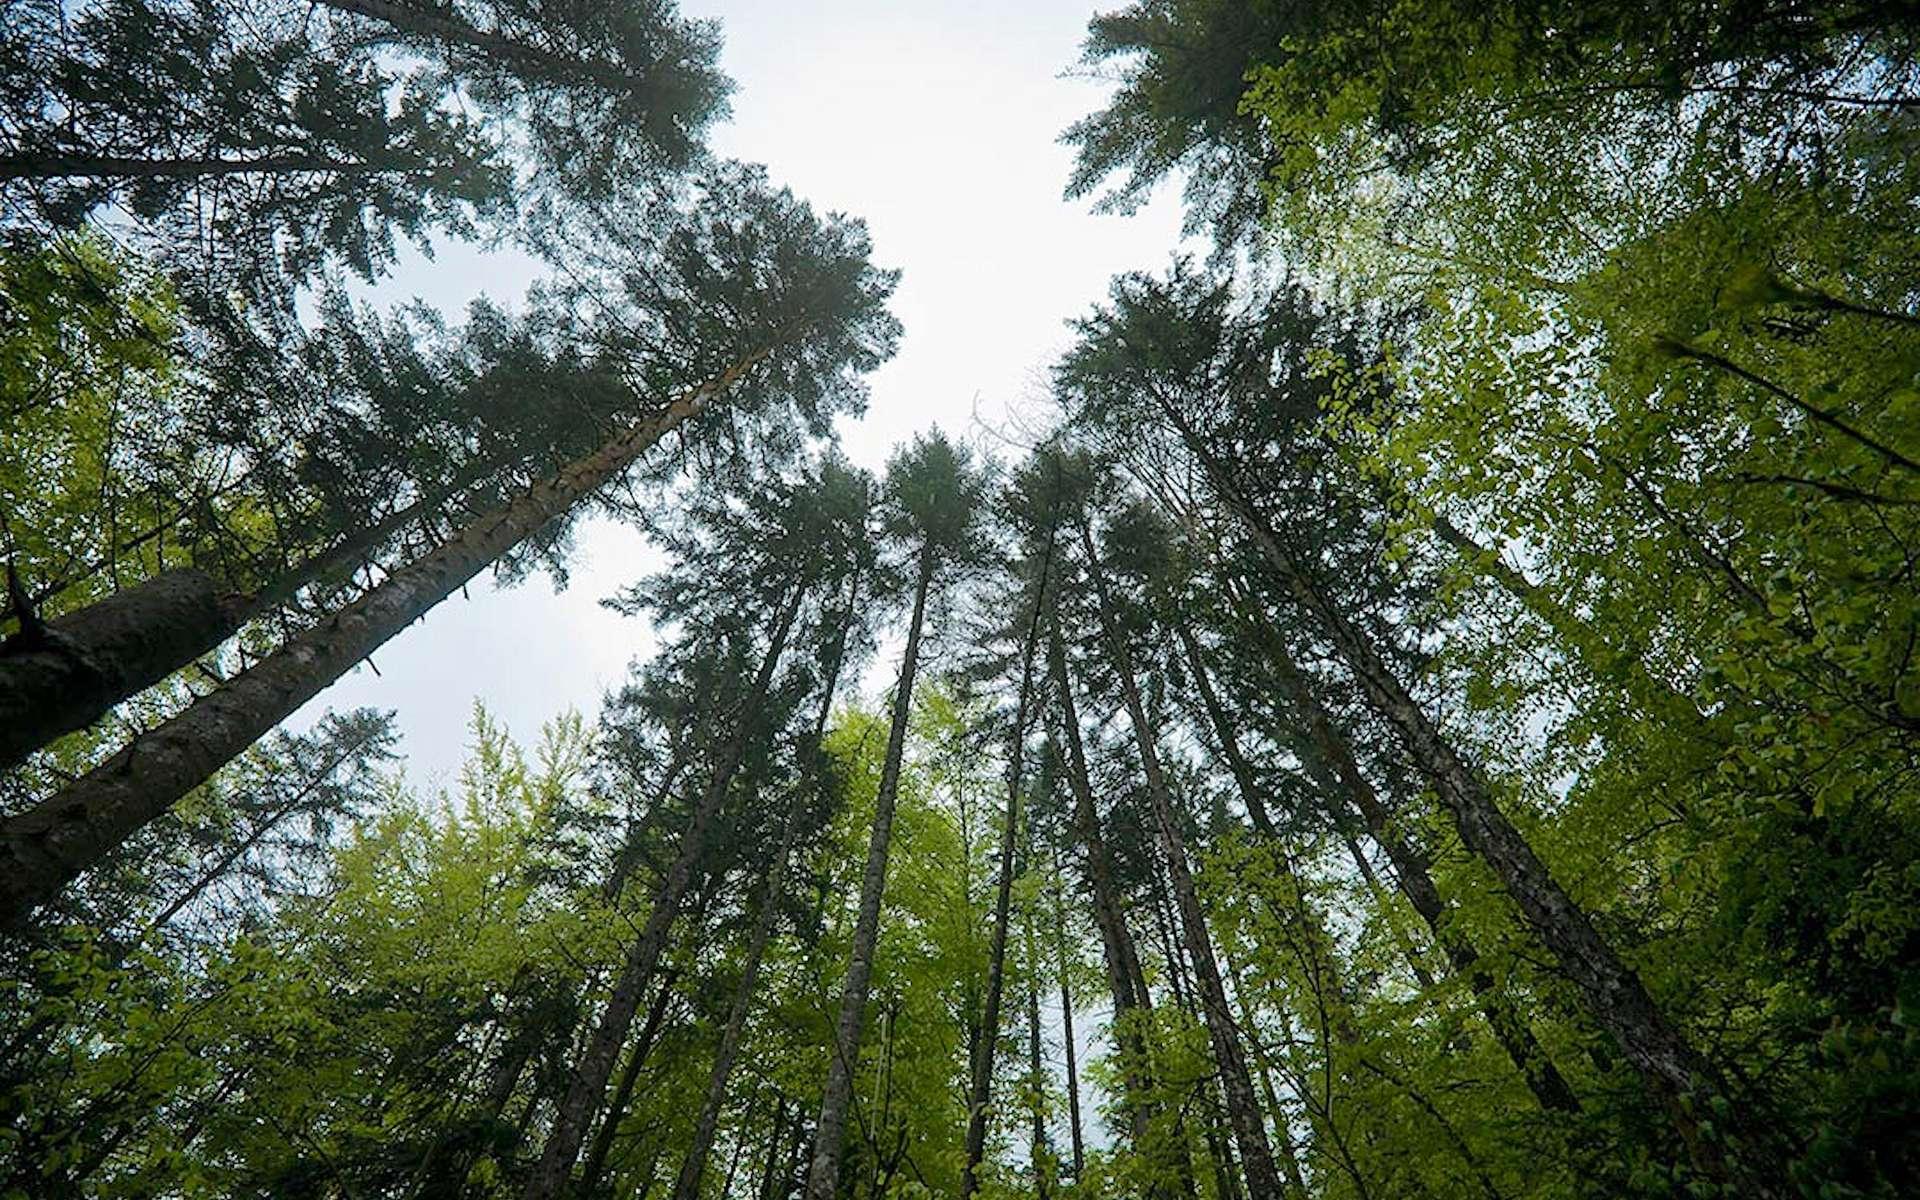 Le parc régional de Chartreuse s'étend sur 76.700 hectares. La surface boisée pouvant prétendre à l'AOC est de 28.000 ha. © bois-de-chartreuse.fr